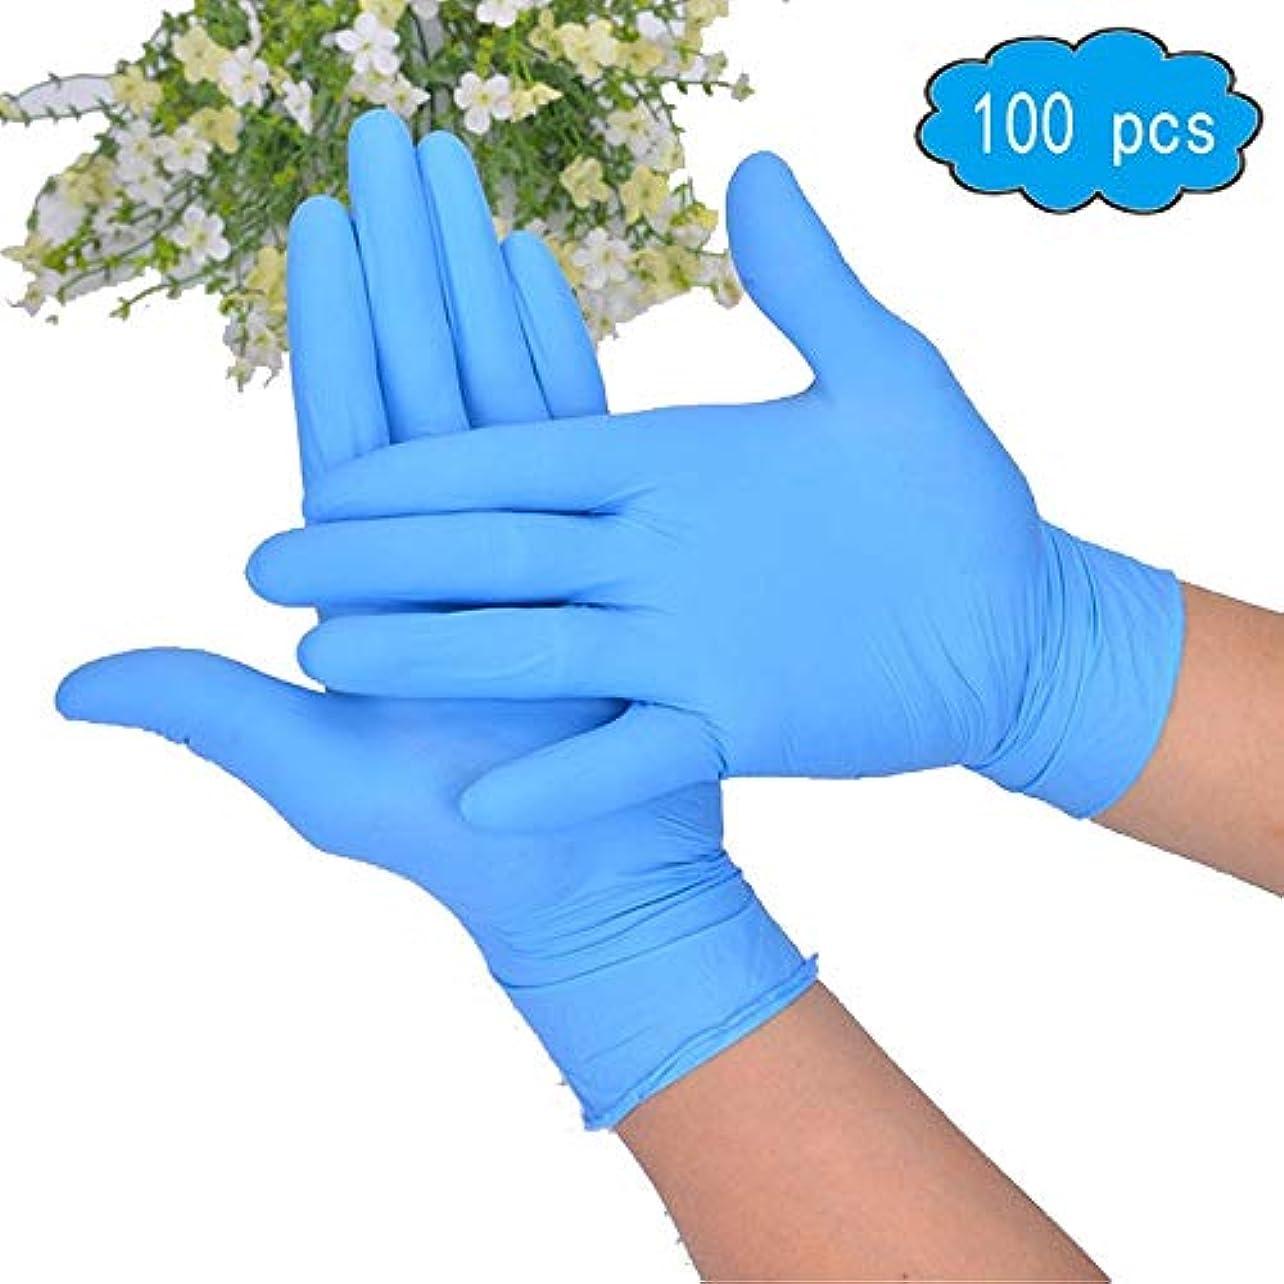 対人描写溶ける使い捨てラテックス手袋-医療グレード、パウダーフリー、使い捨て、非滅菌、食品安全、テクスチャード加工、ラテックス手袋、ラボ、100PCS、安全&作業用手袋 (Color : Blue, Size : L)